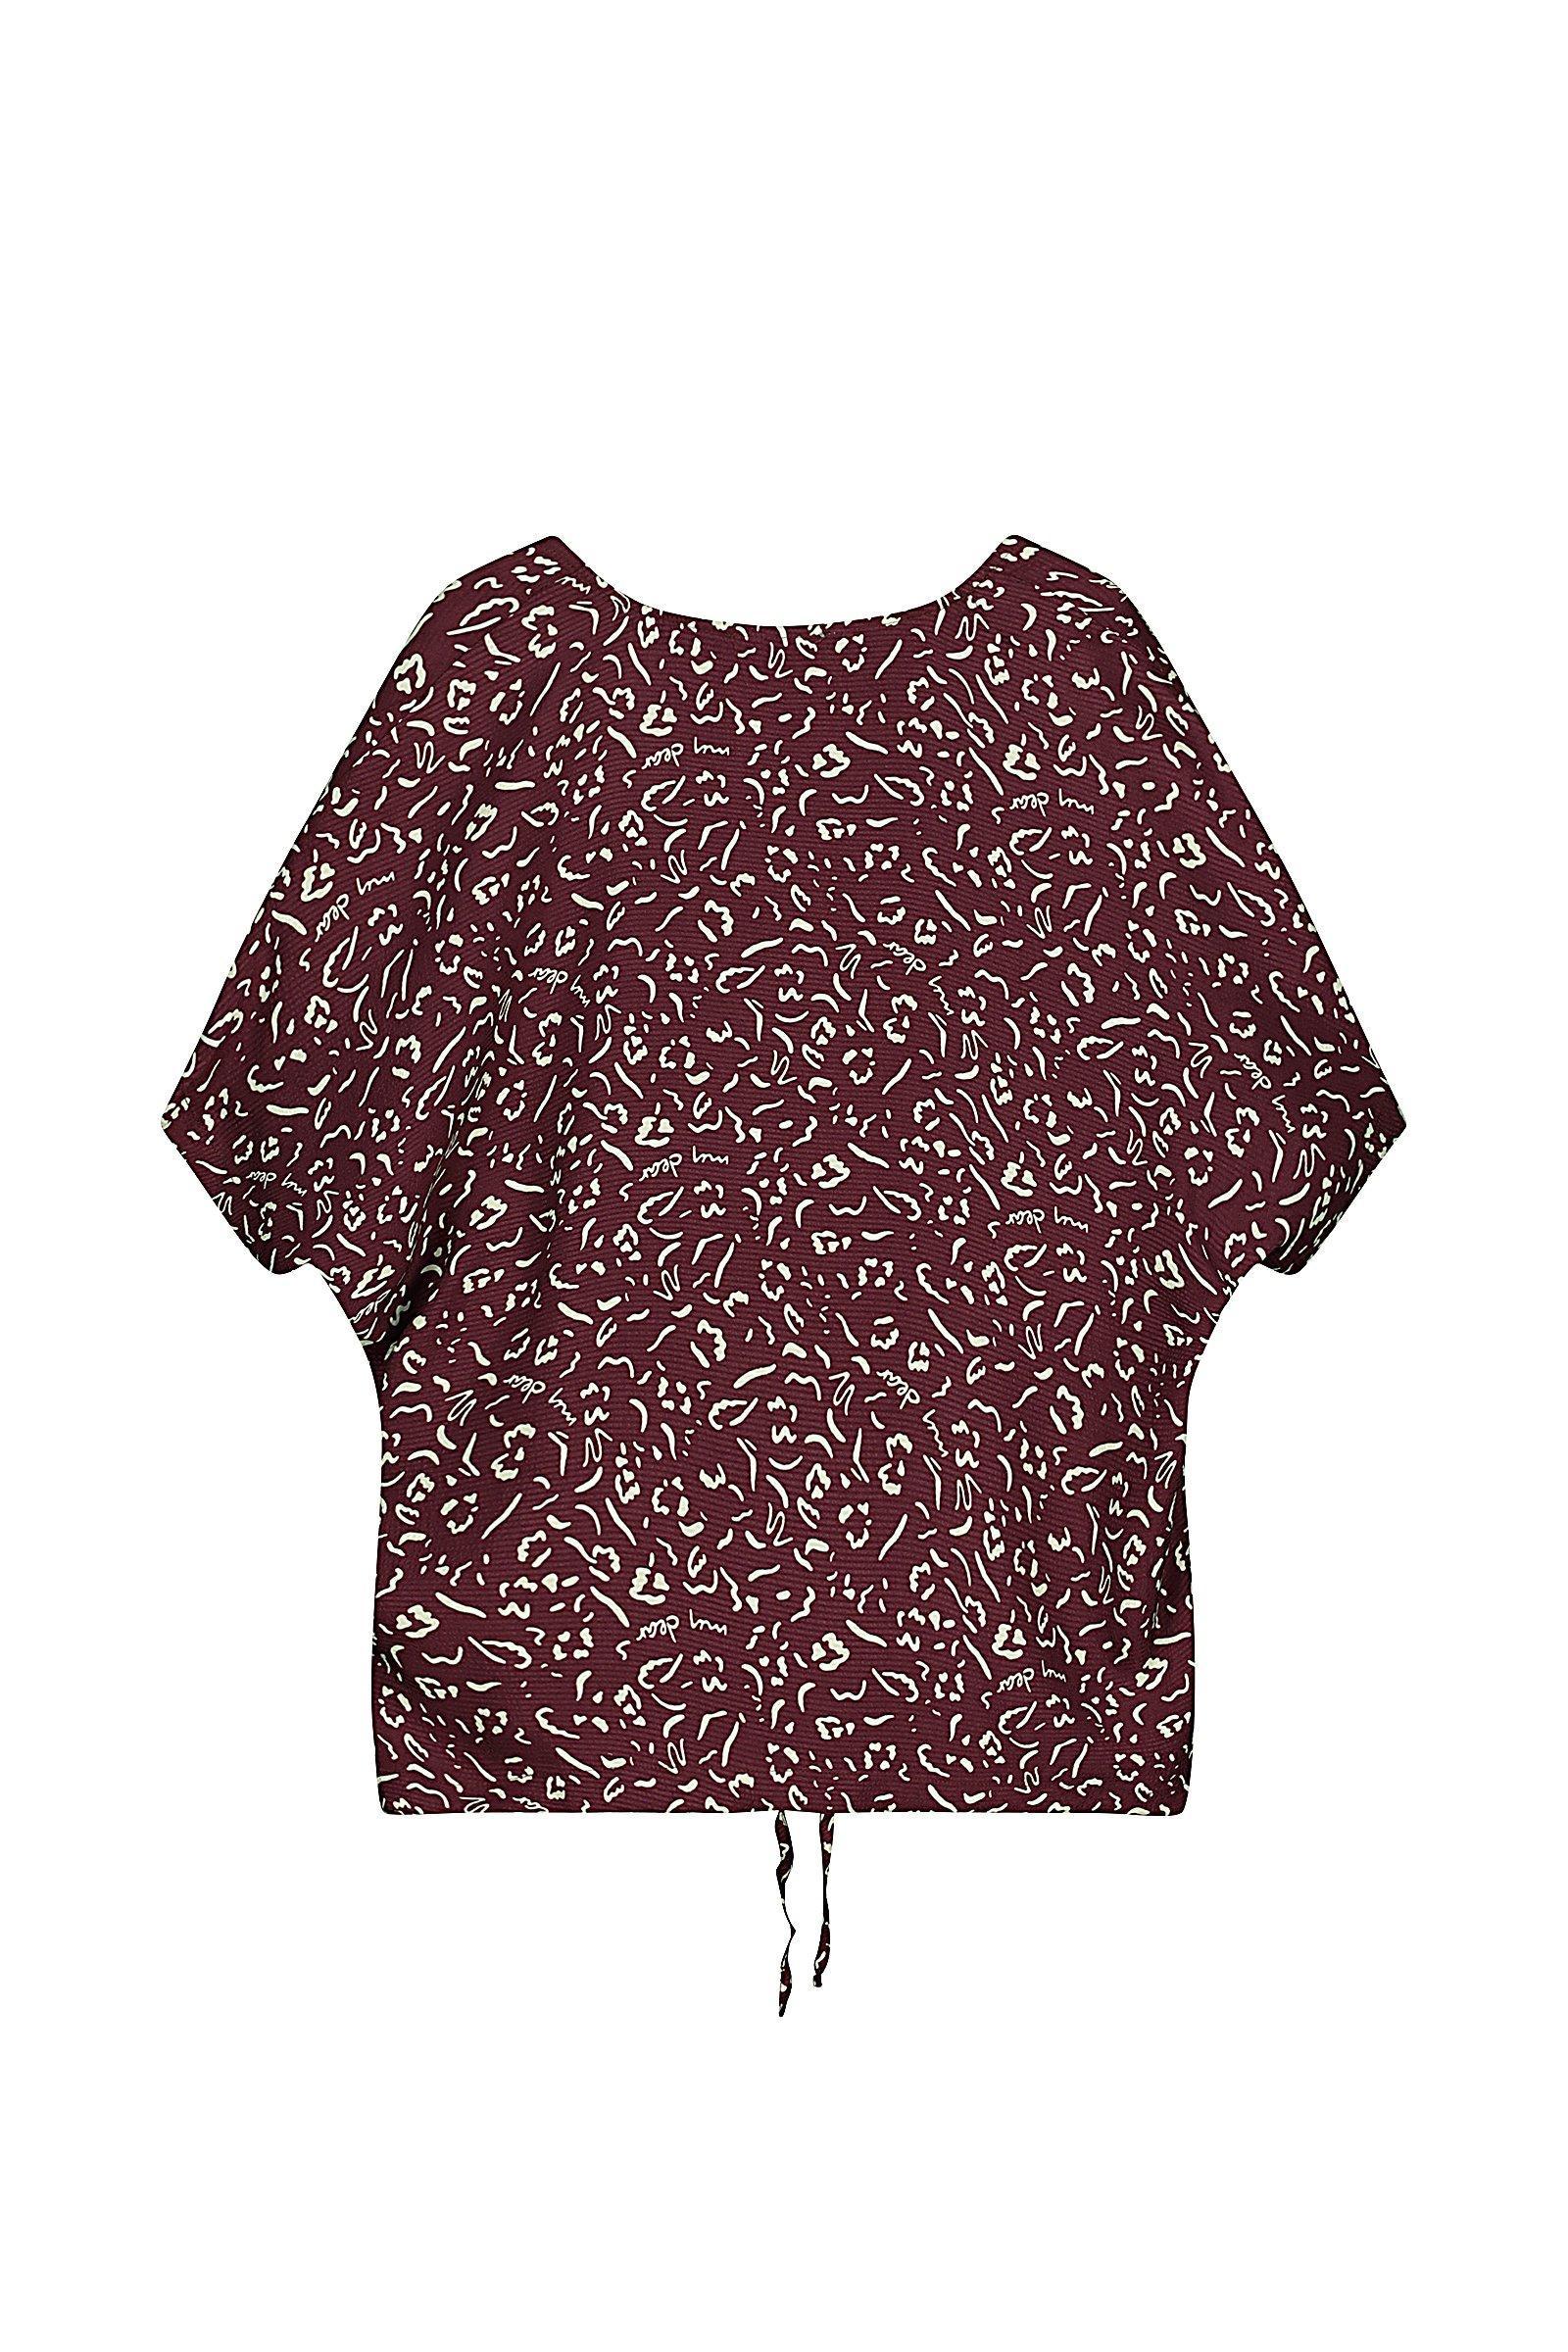 https://webmedia.cks-fashion.com/i/cks/123255ASM_100_h